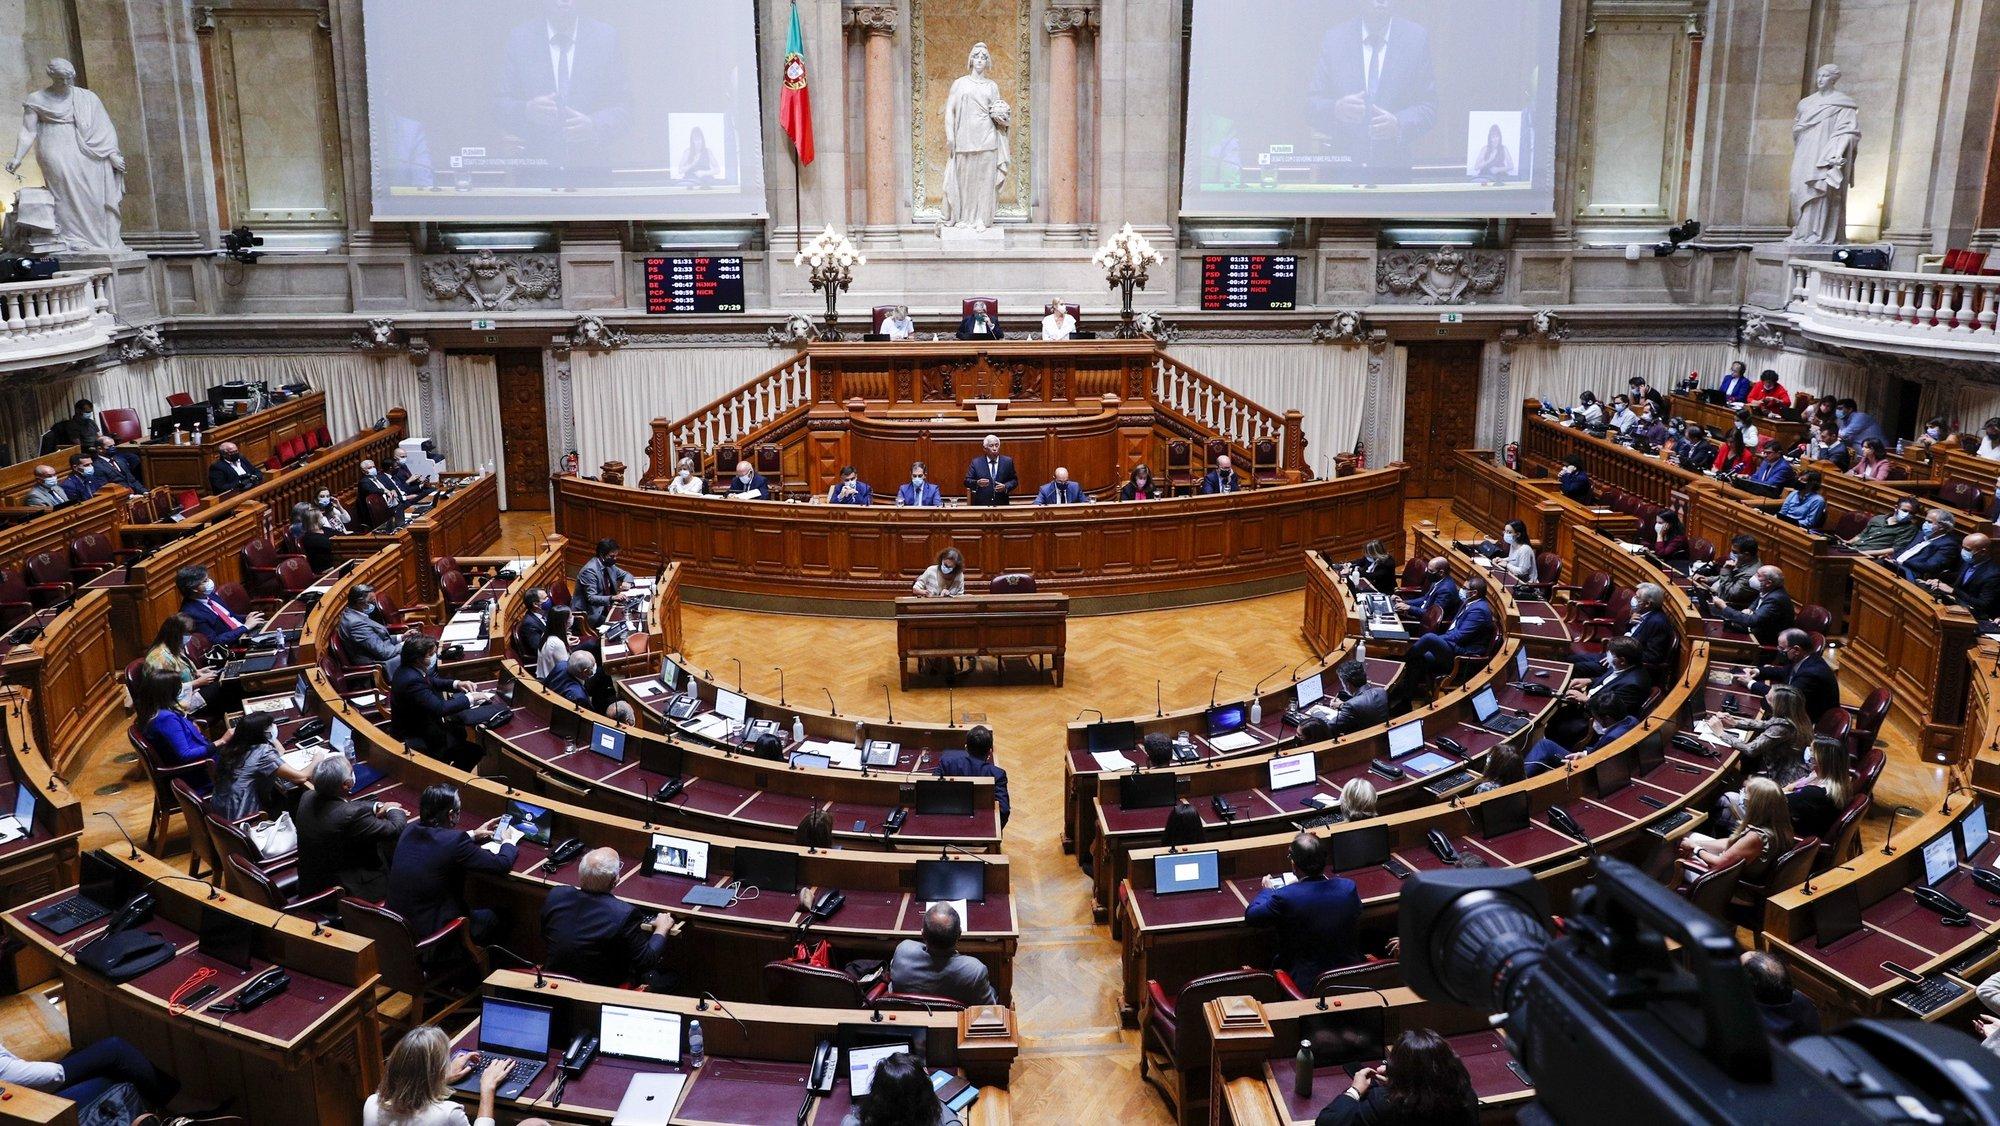 O primeiro-ministro, António Costa (C), intervém durante o debate sobre política geral, na Assembleia da República, em Lisboa, 07 de outubro de 2021. ANTÓNIO COTRIM/LUSA